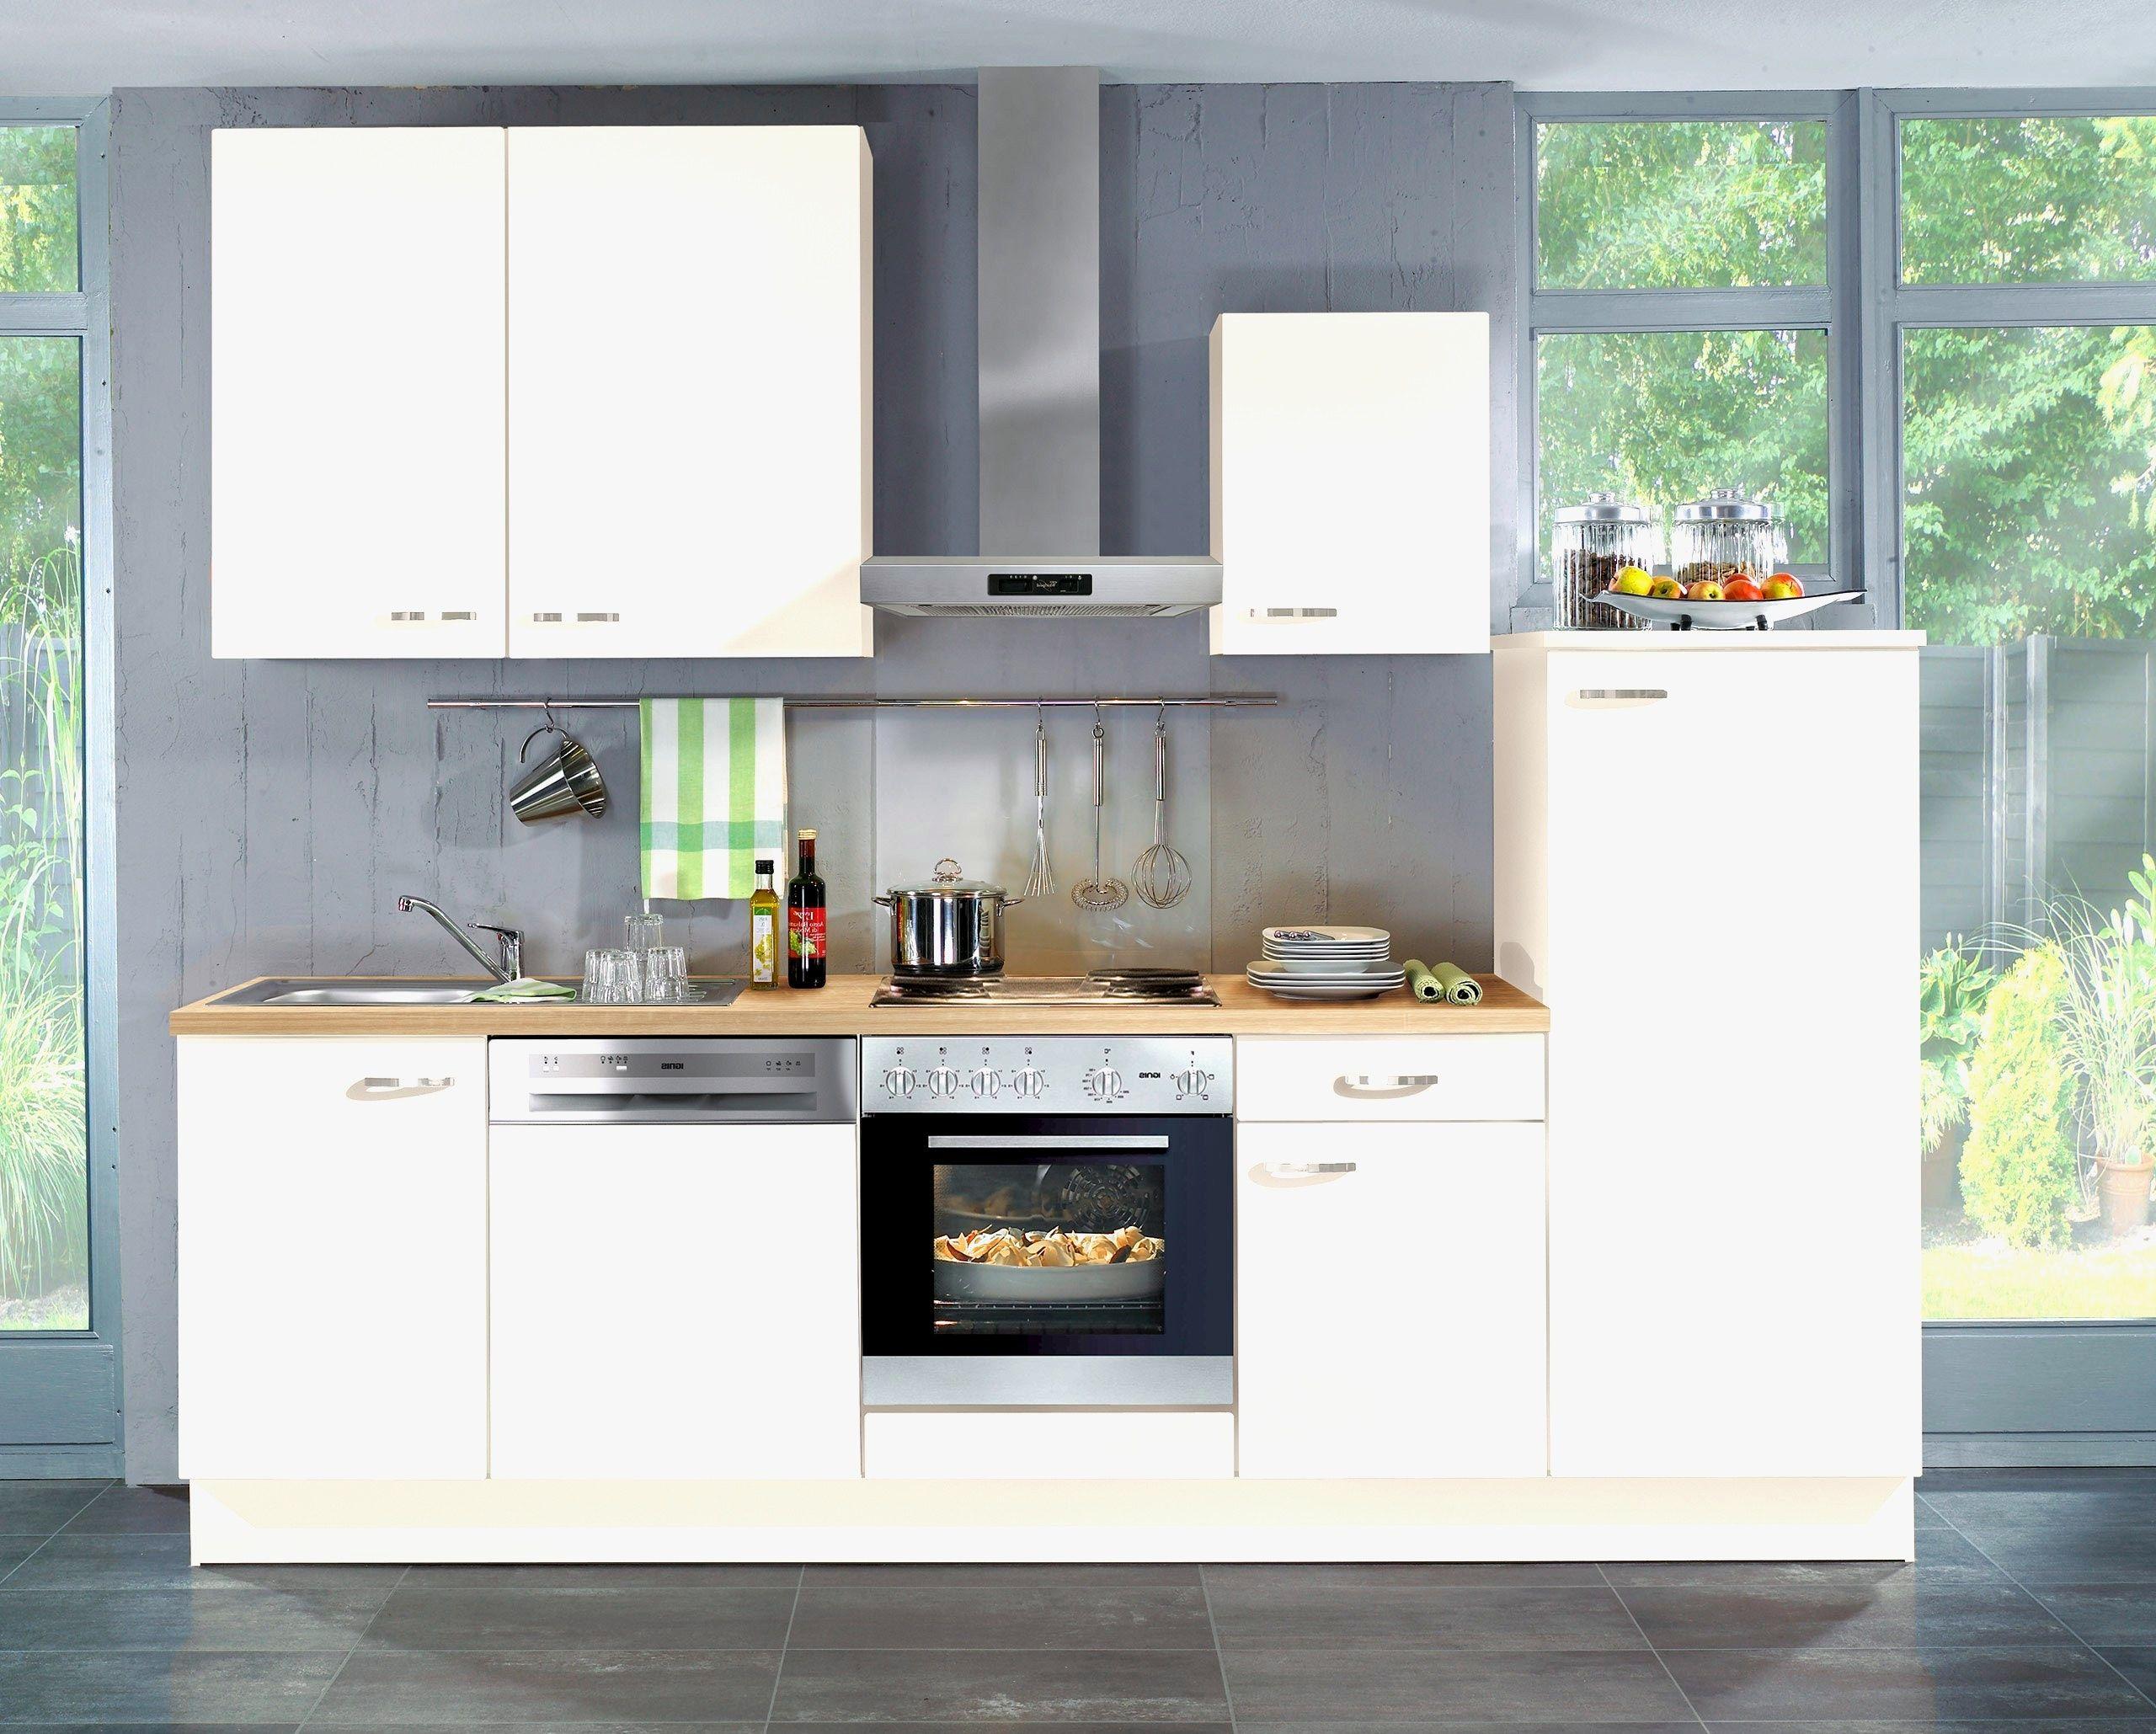 Full Size of Miniküche Gebraucht 49 Genial Ikea Kche Eigene Elektrogerte Billige Kchen Gebrauchte Einbauküche Regale Küche Kaufen Edelstahlküche Landhausküche Wohnzimmer Miniküche Gebraucht